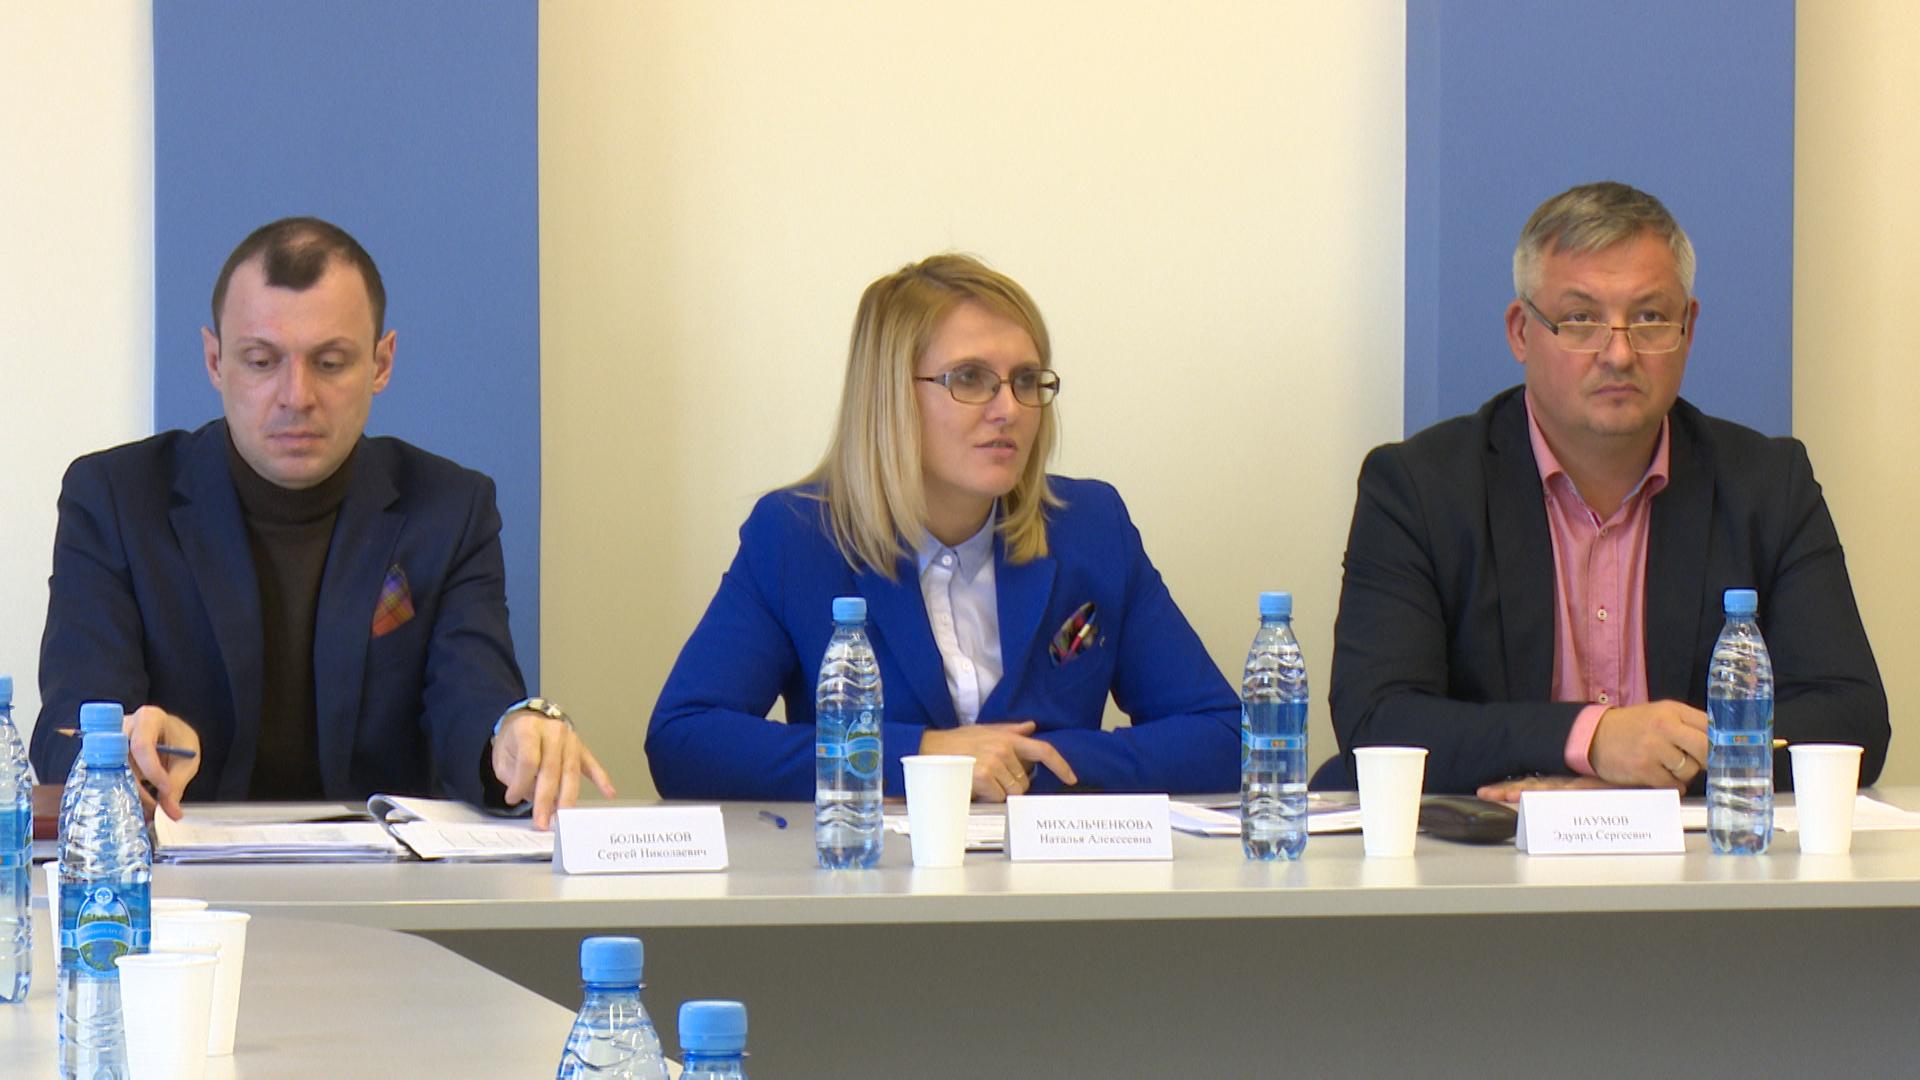 СГУ Питирима Сорокина собрал ведущих представителей медицинской науки страны